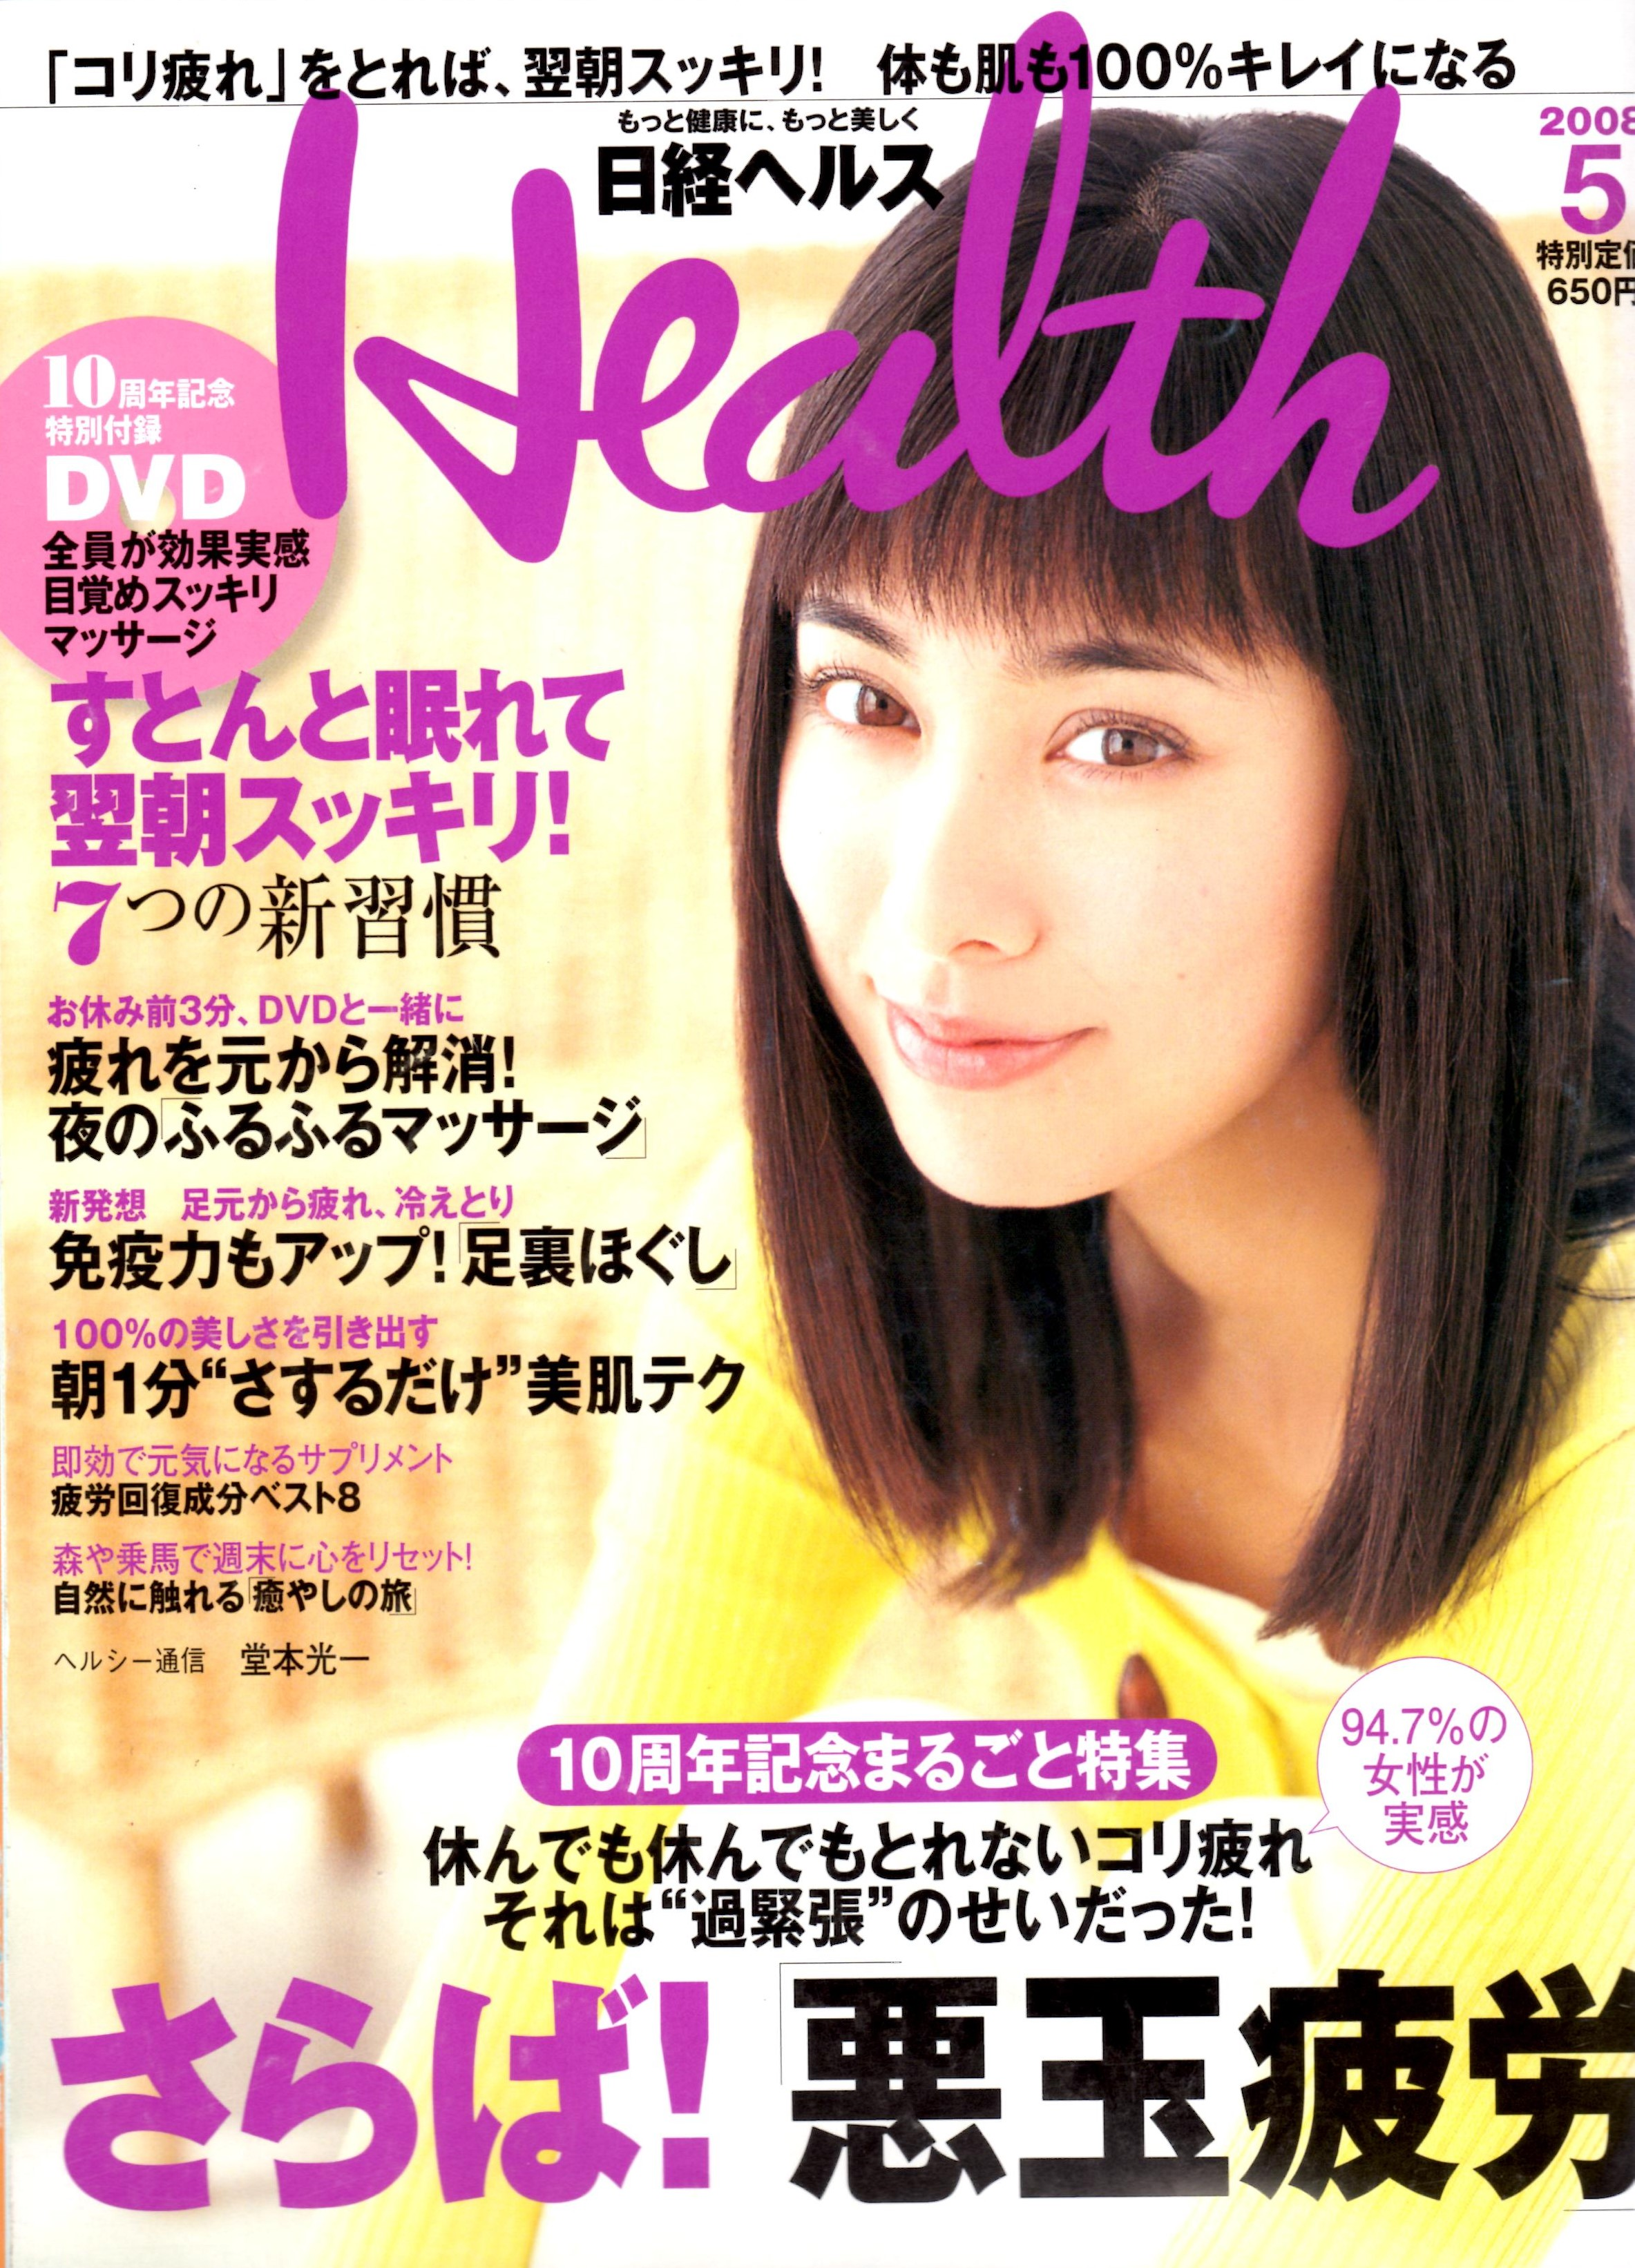 掲載雑誌 Health